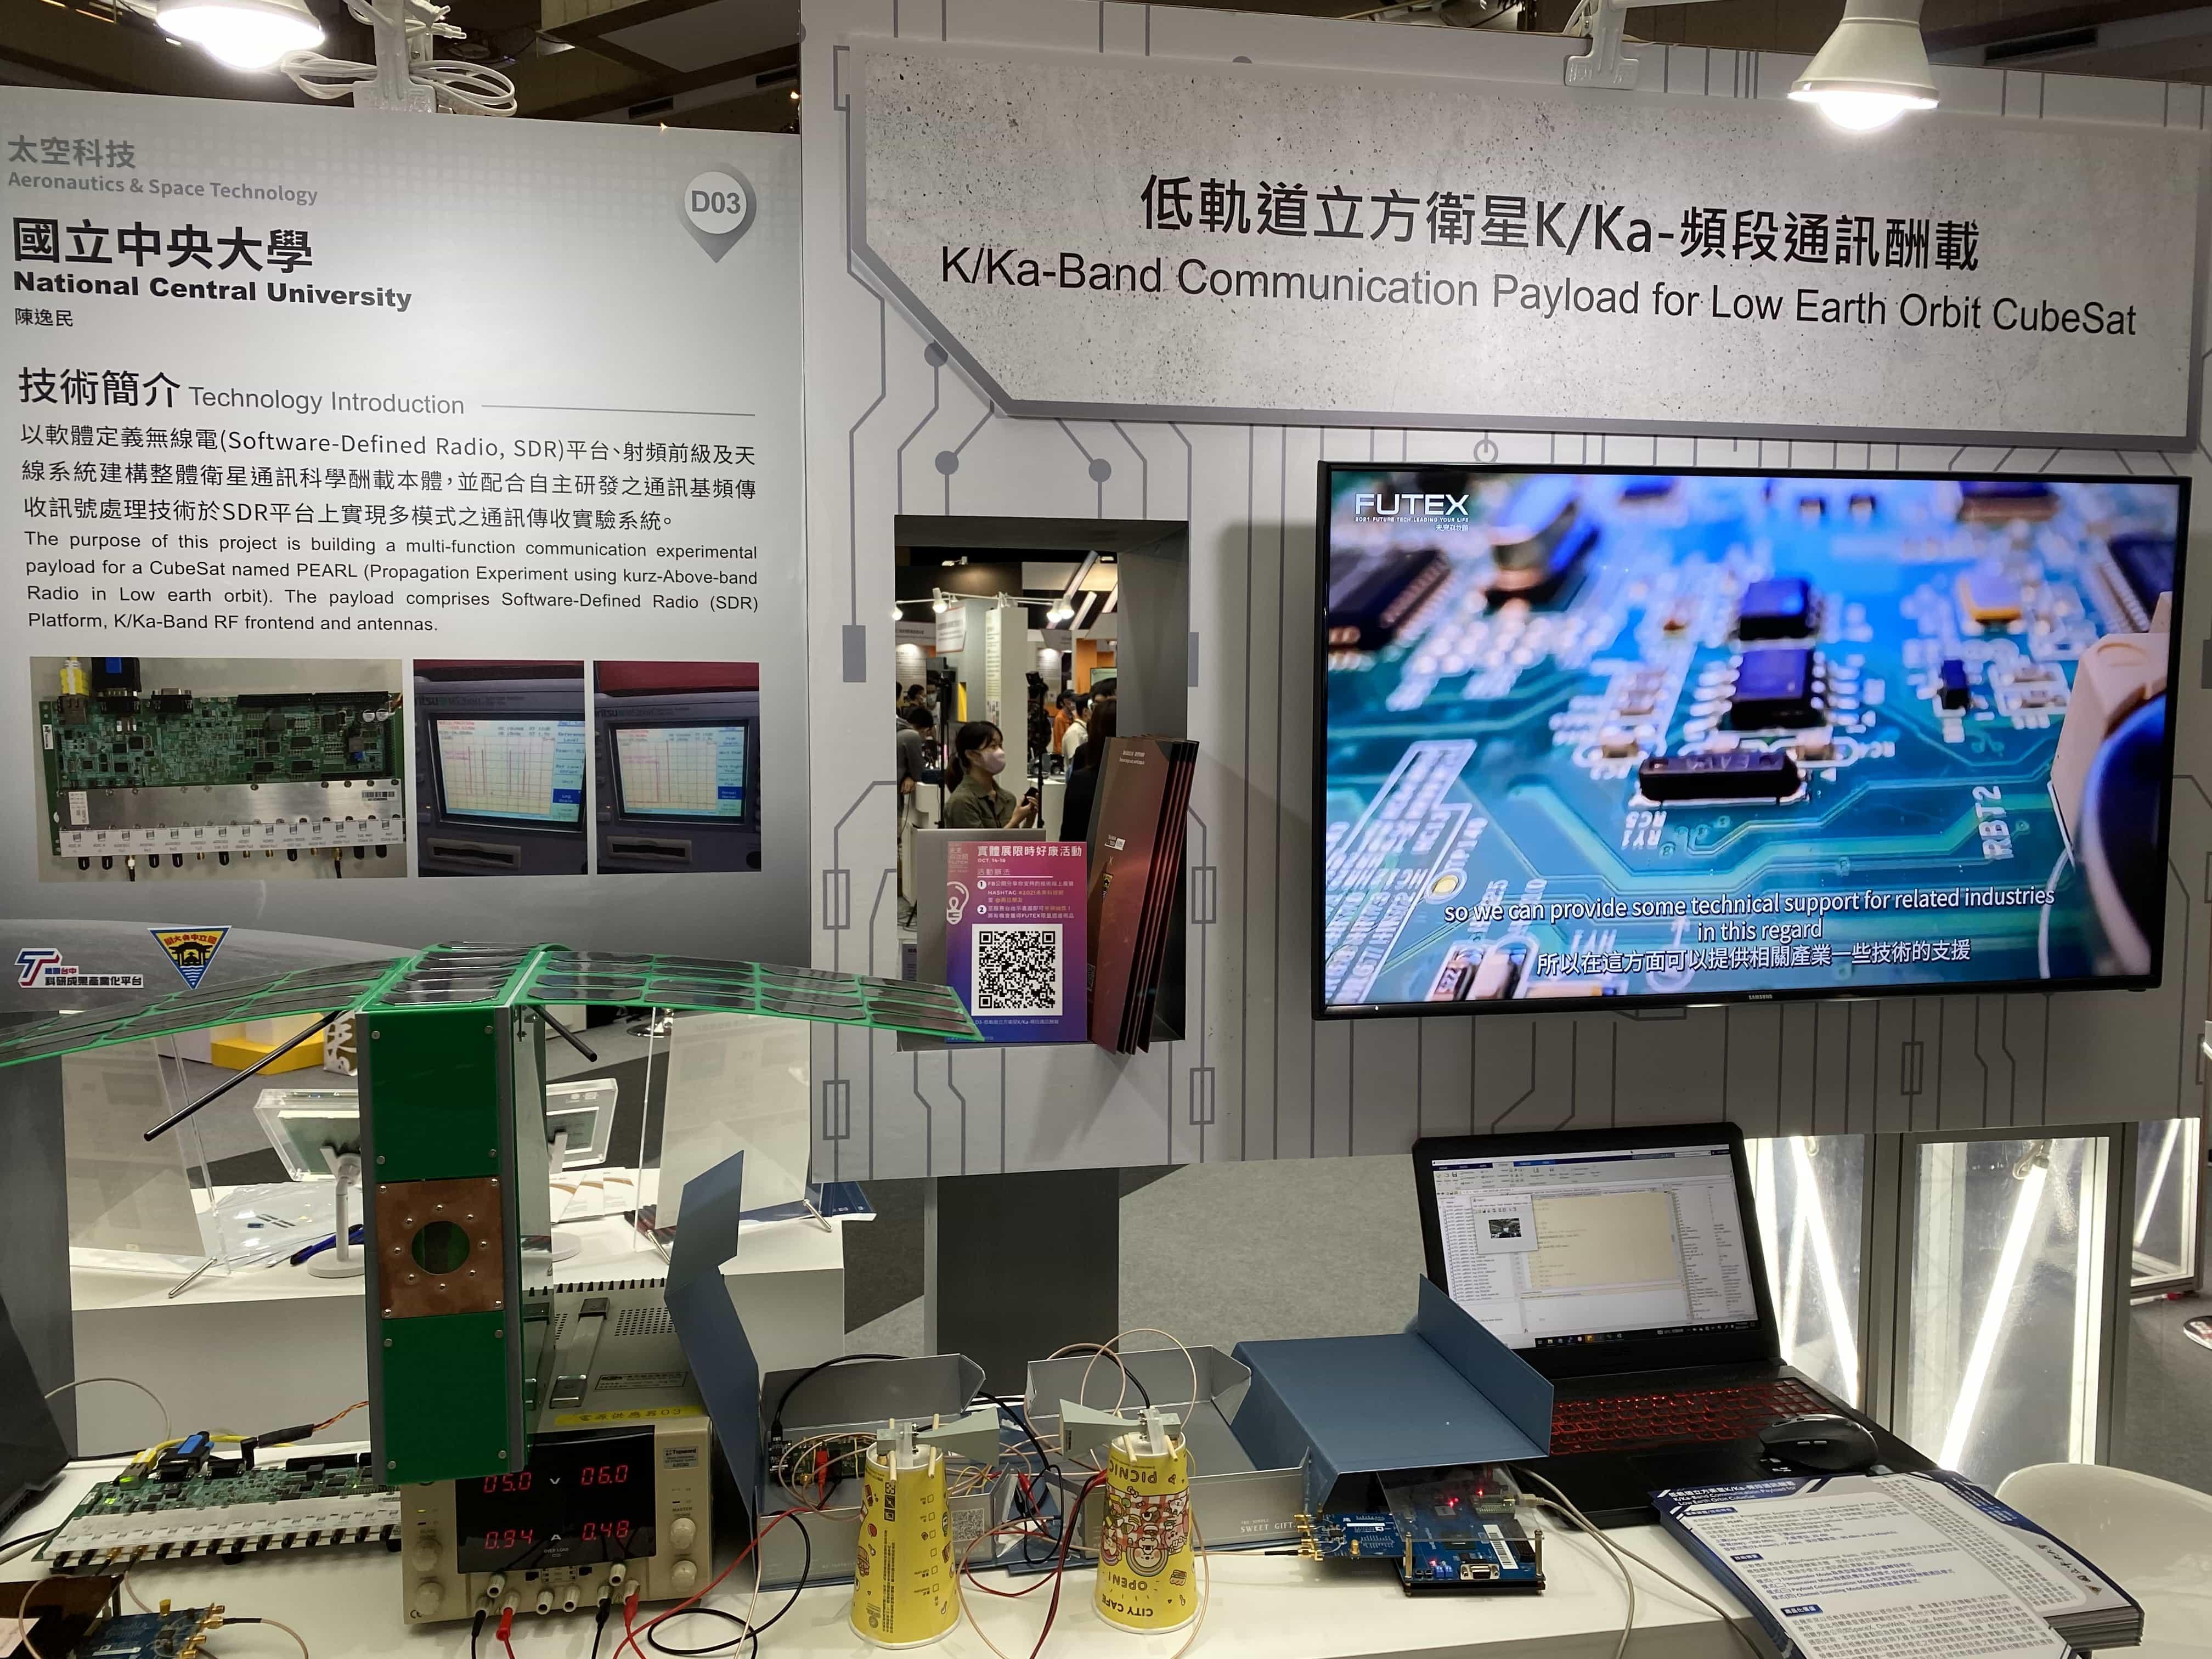 「未來科技獎」得獎技術:國立中央大學「低軌道立方衛星KKa-頻段通訊酬載」.JPG_大圖